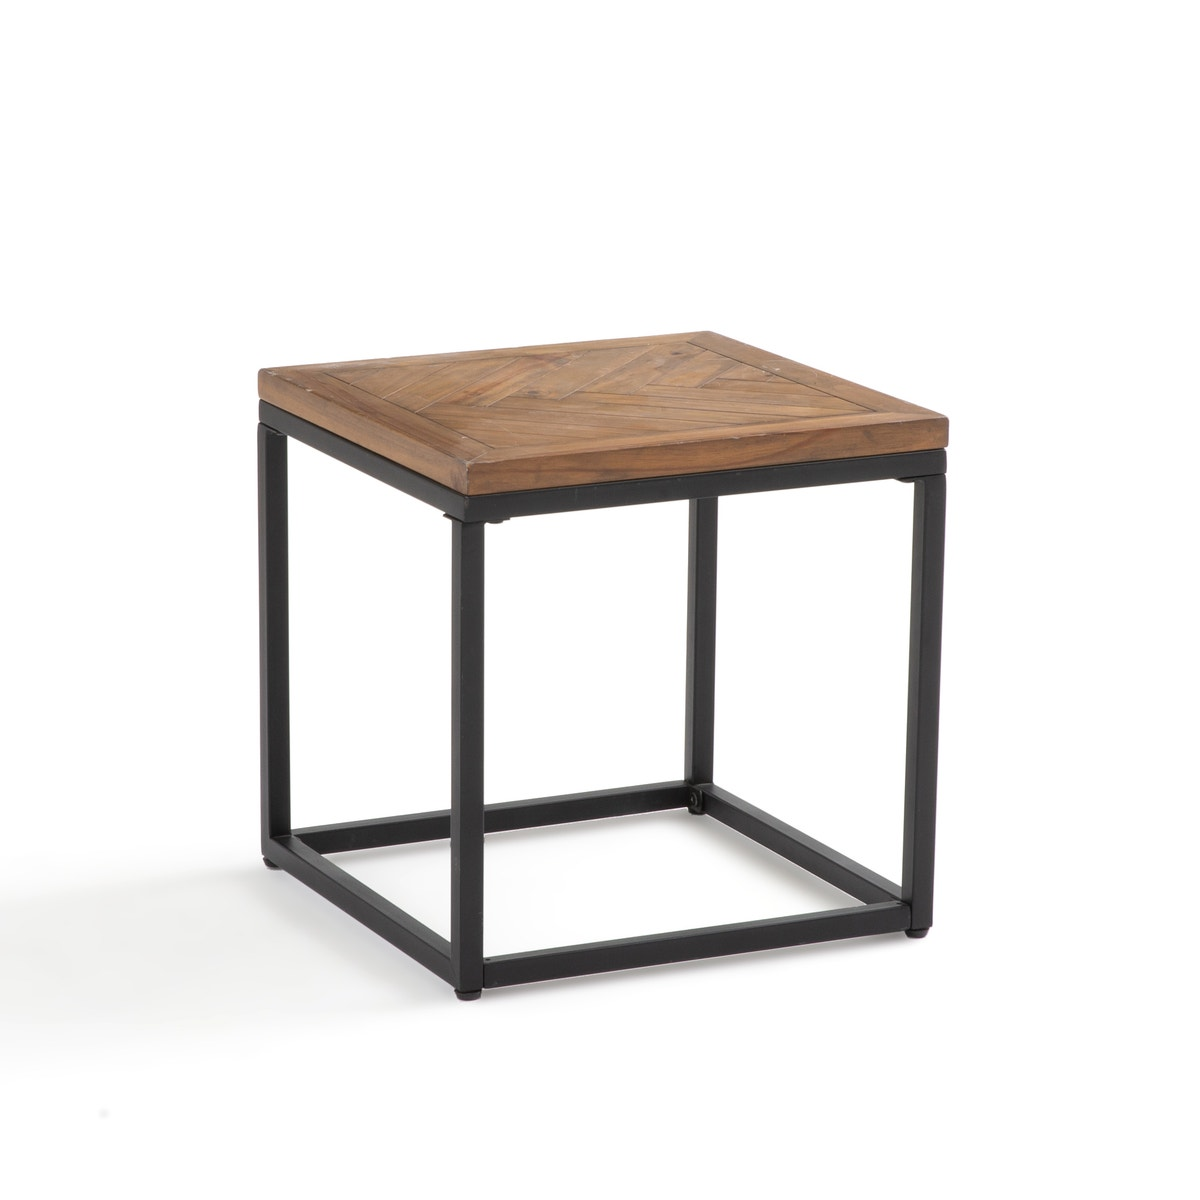 Τραπέζι βοηθητικό, ξύλο πεύκου, Nottingham